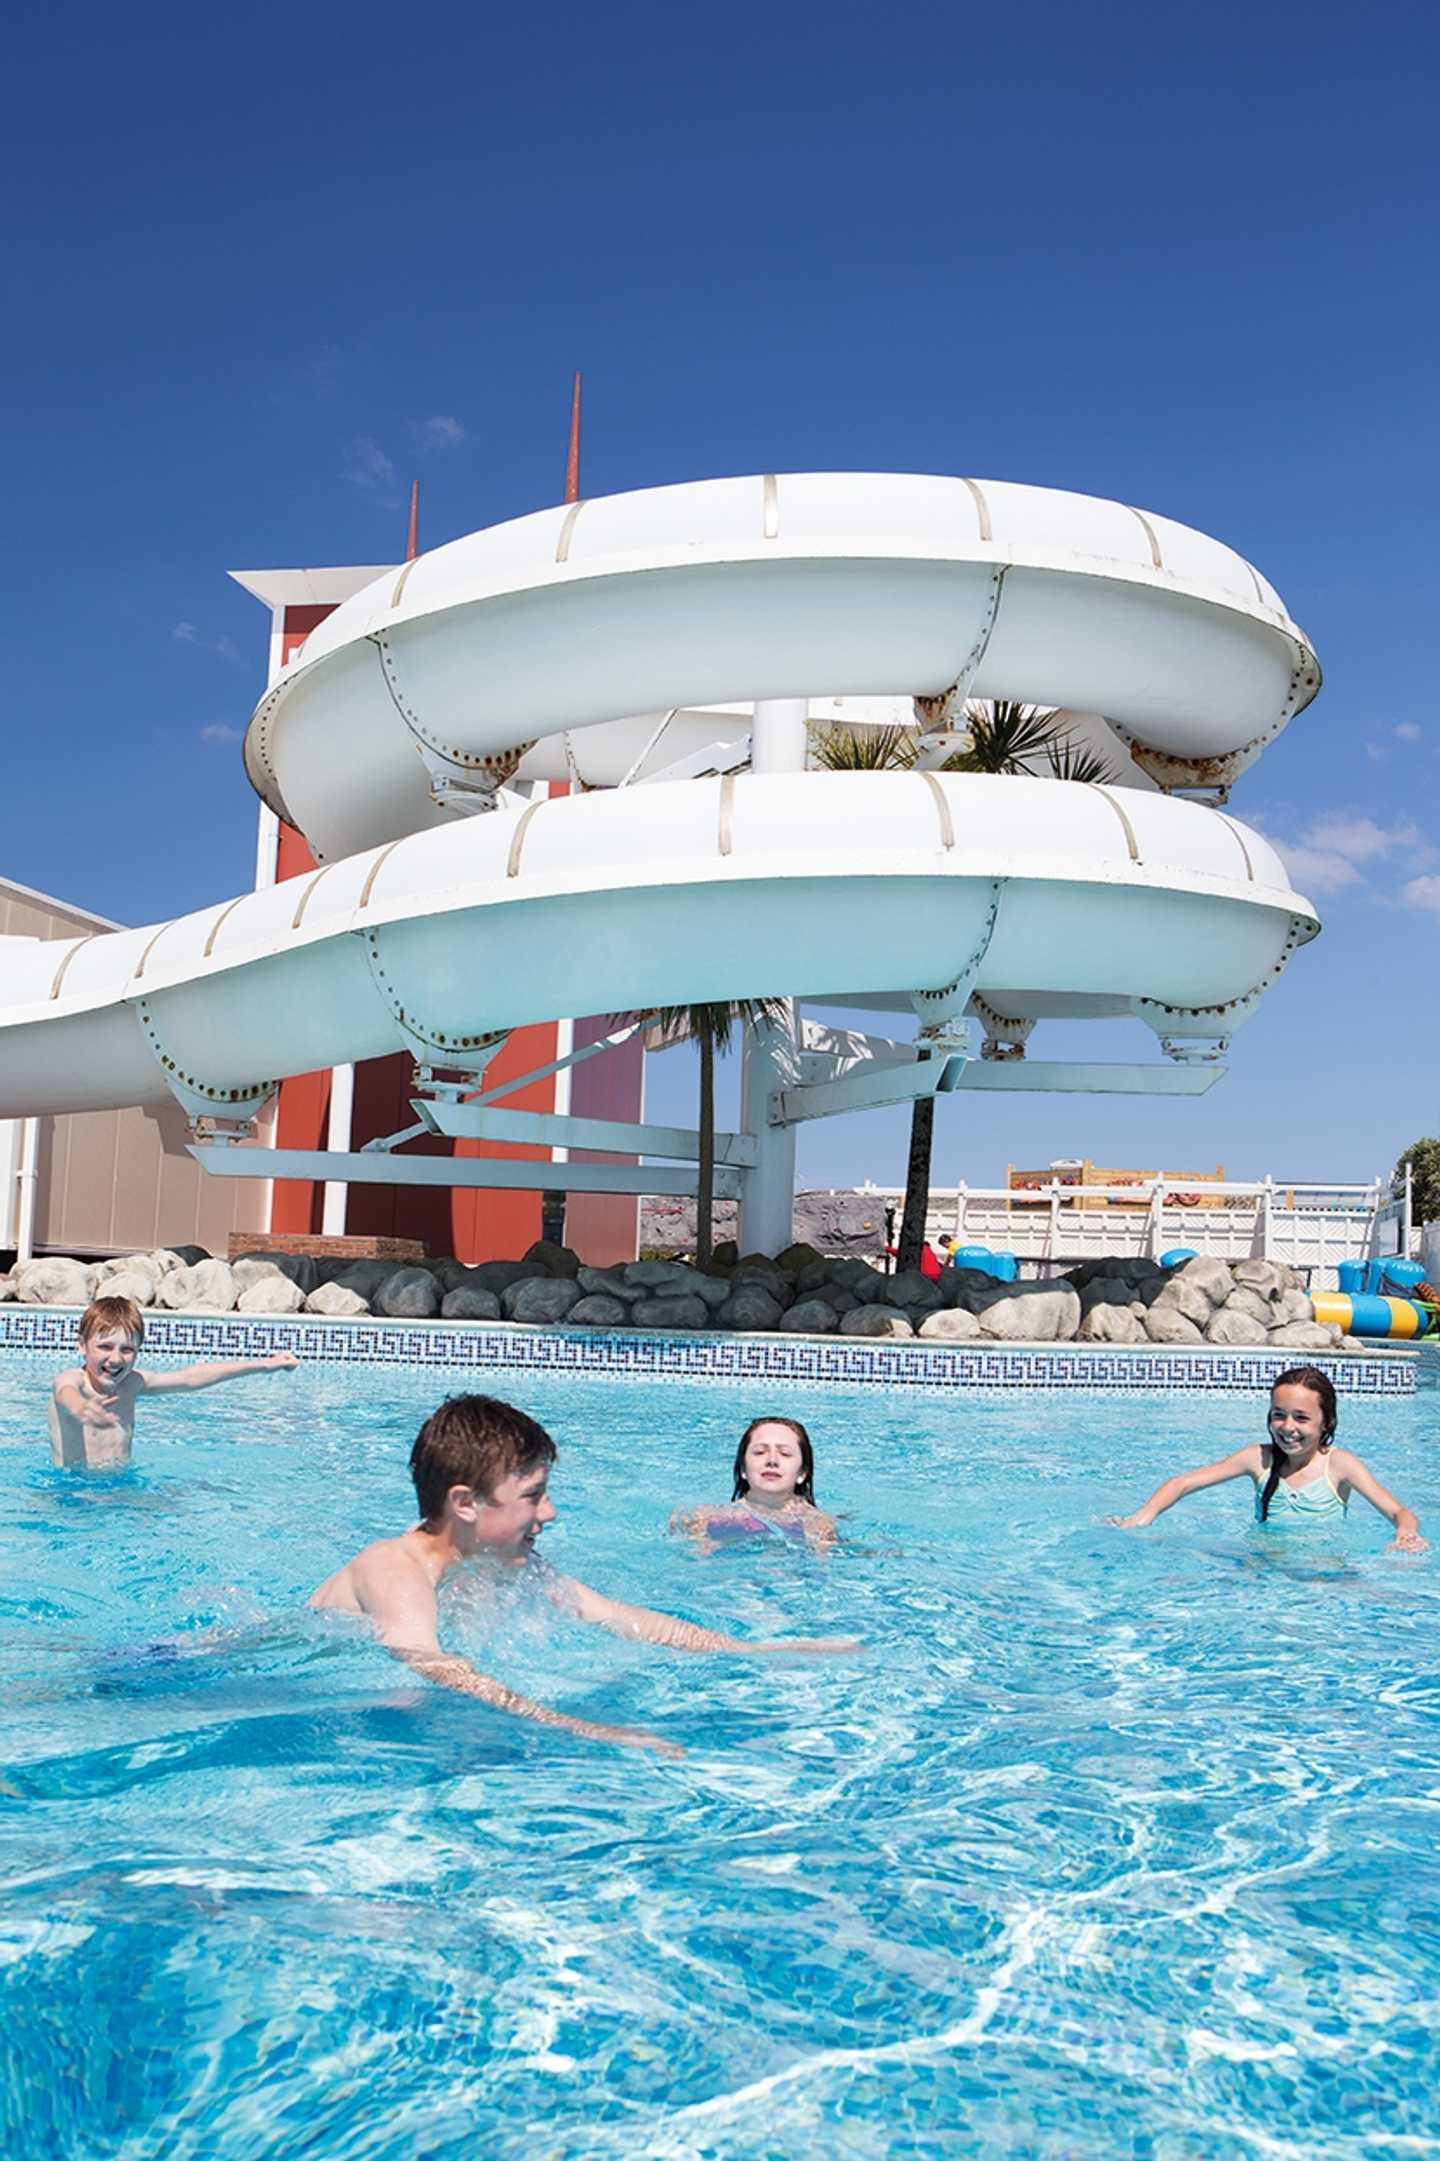 Perran Sands outdoor pool